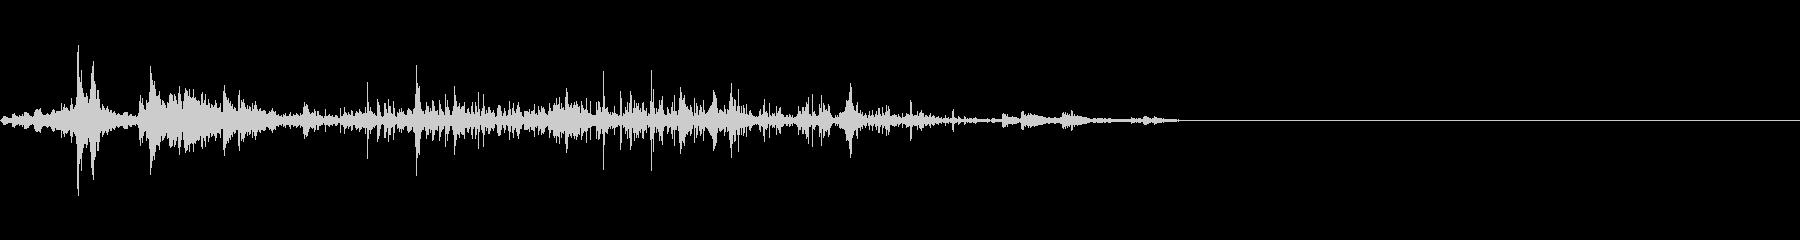 引き上げる音2の未再生の波形